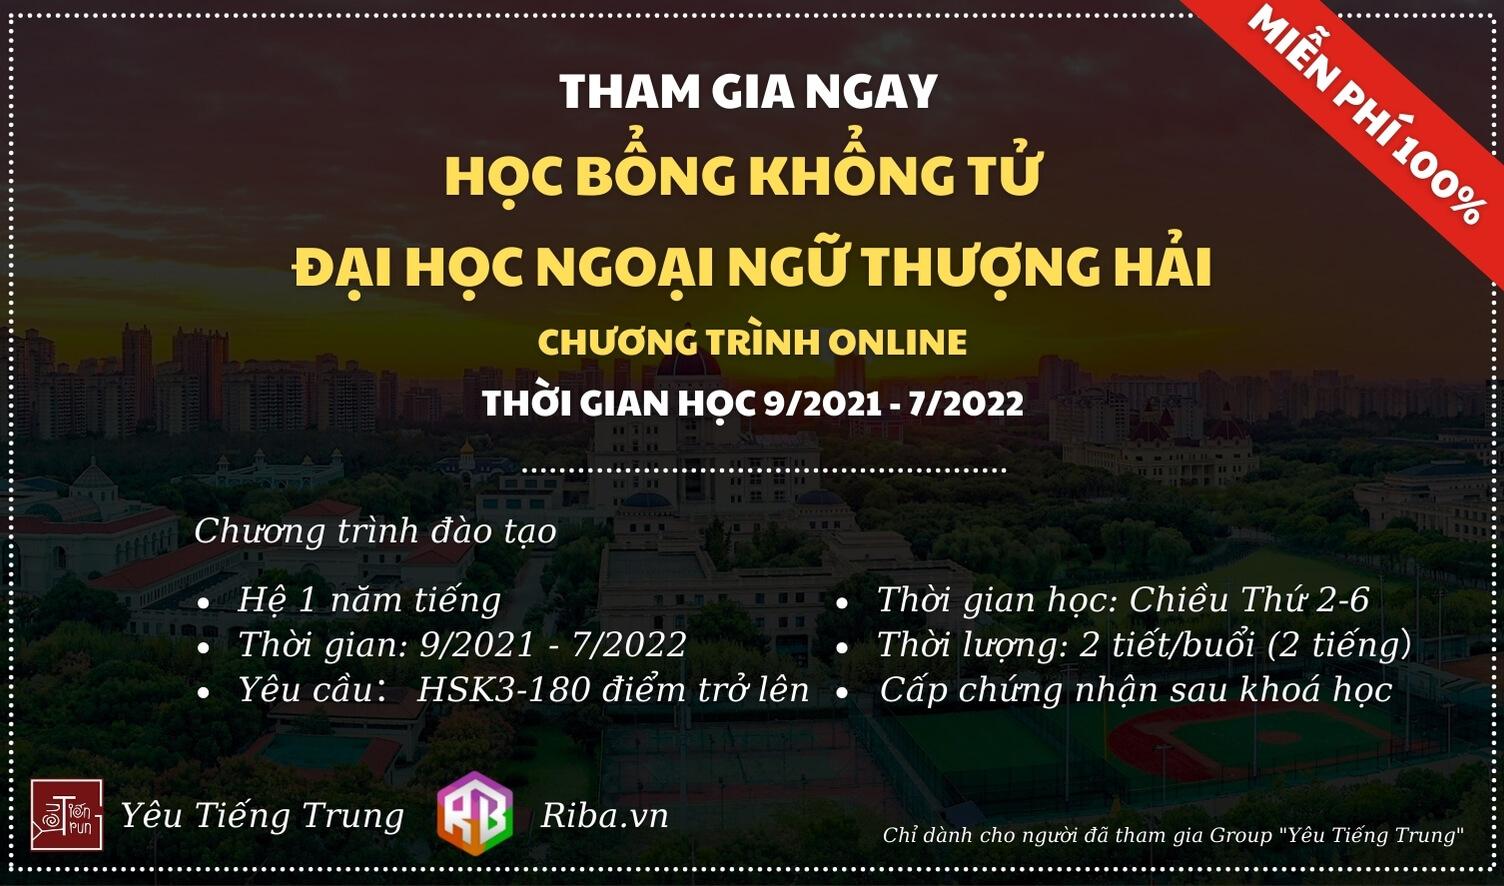 Đăng ký Học bổng Khổng Tử – Đại học Ngoại ngữ Thượng Hải